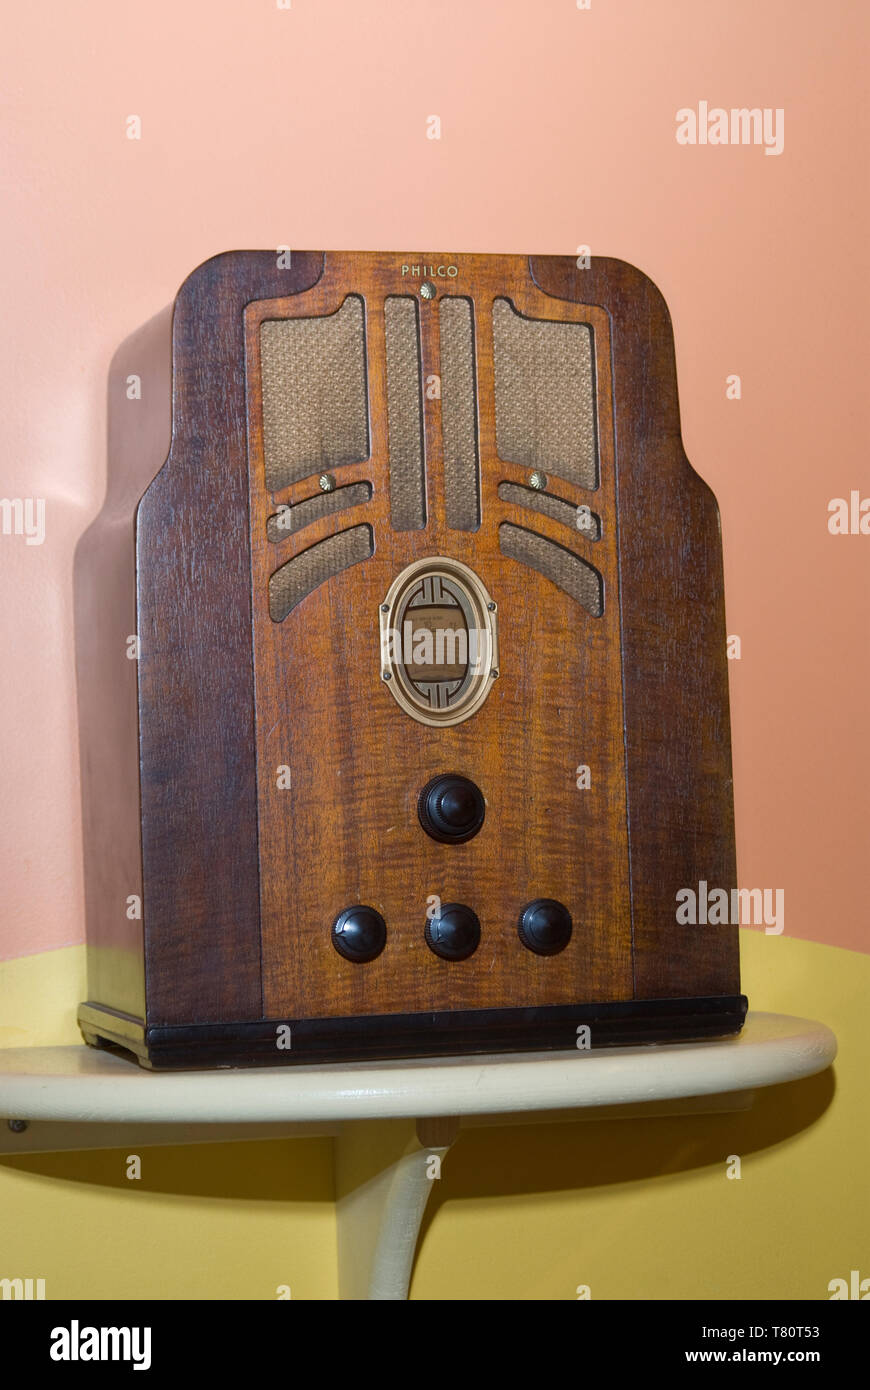 Minneapolis, Minnesota. Mill City Museum. Philco radio from the 1950s. - Stock Image